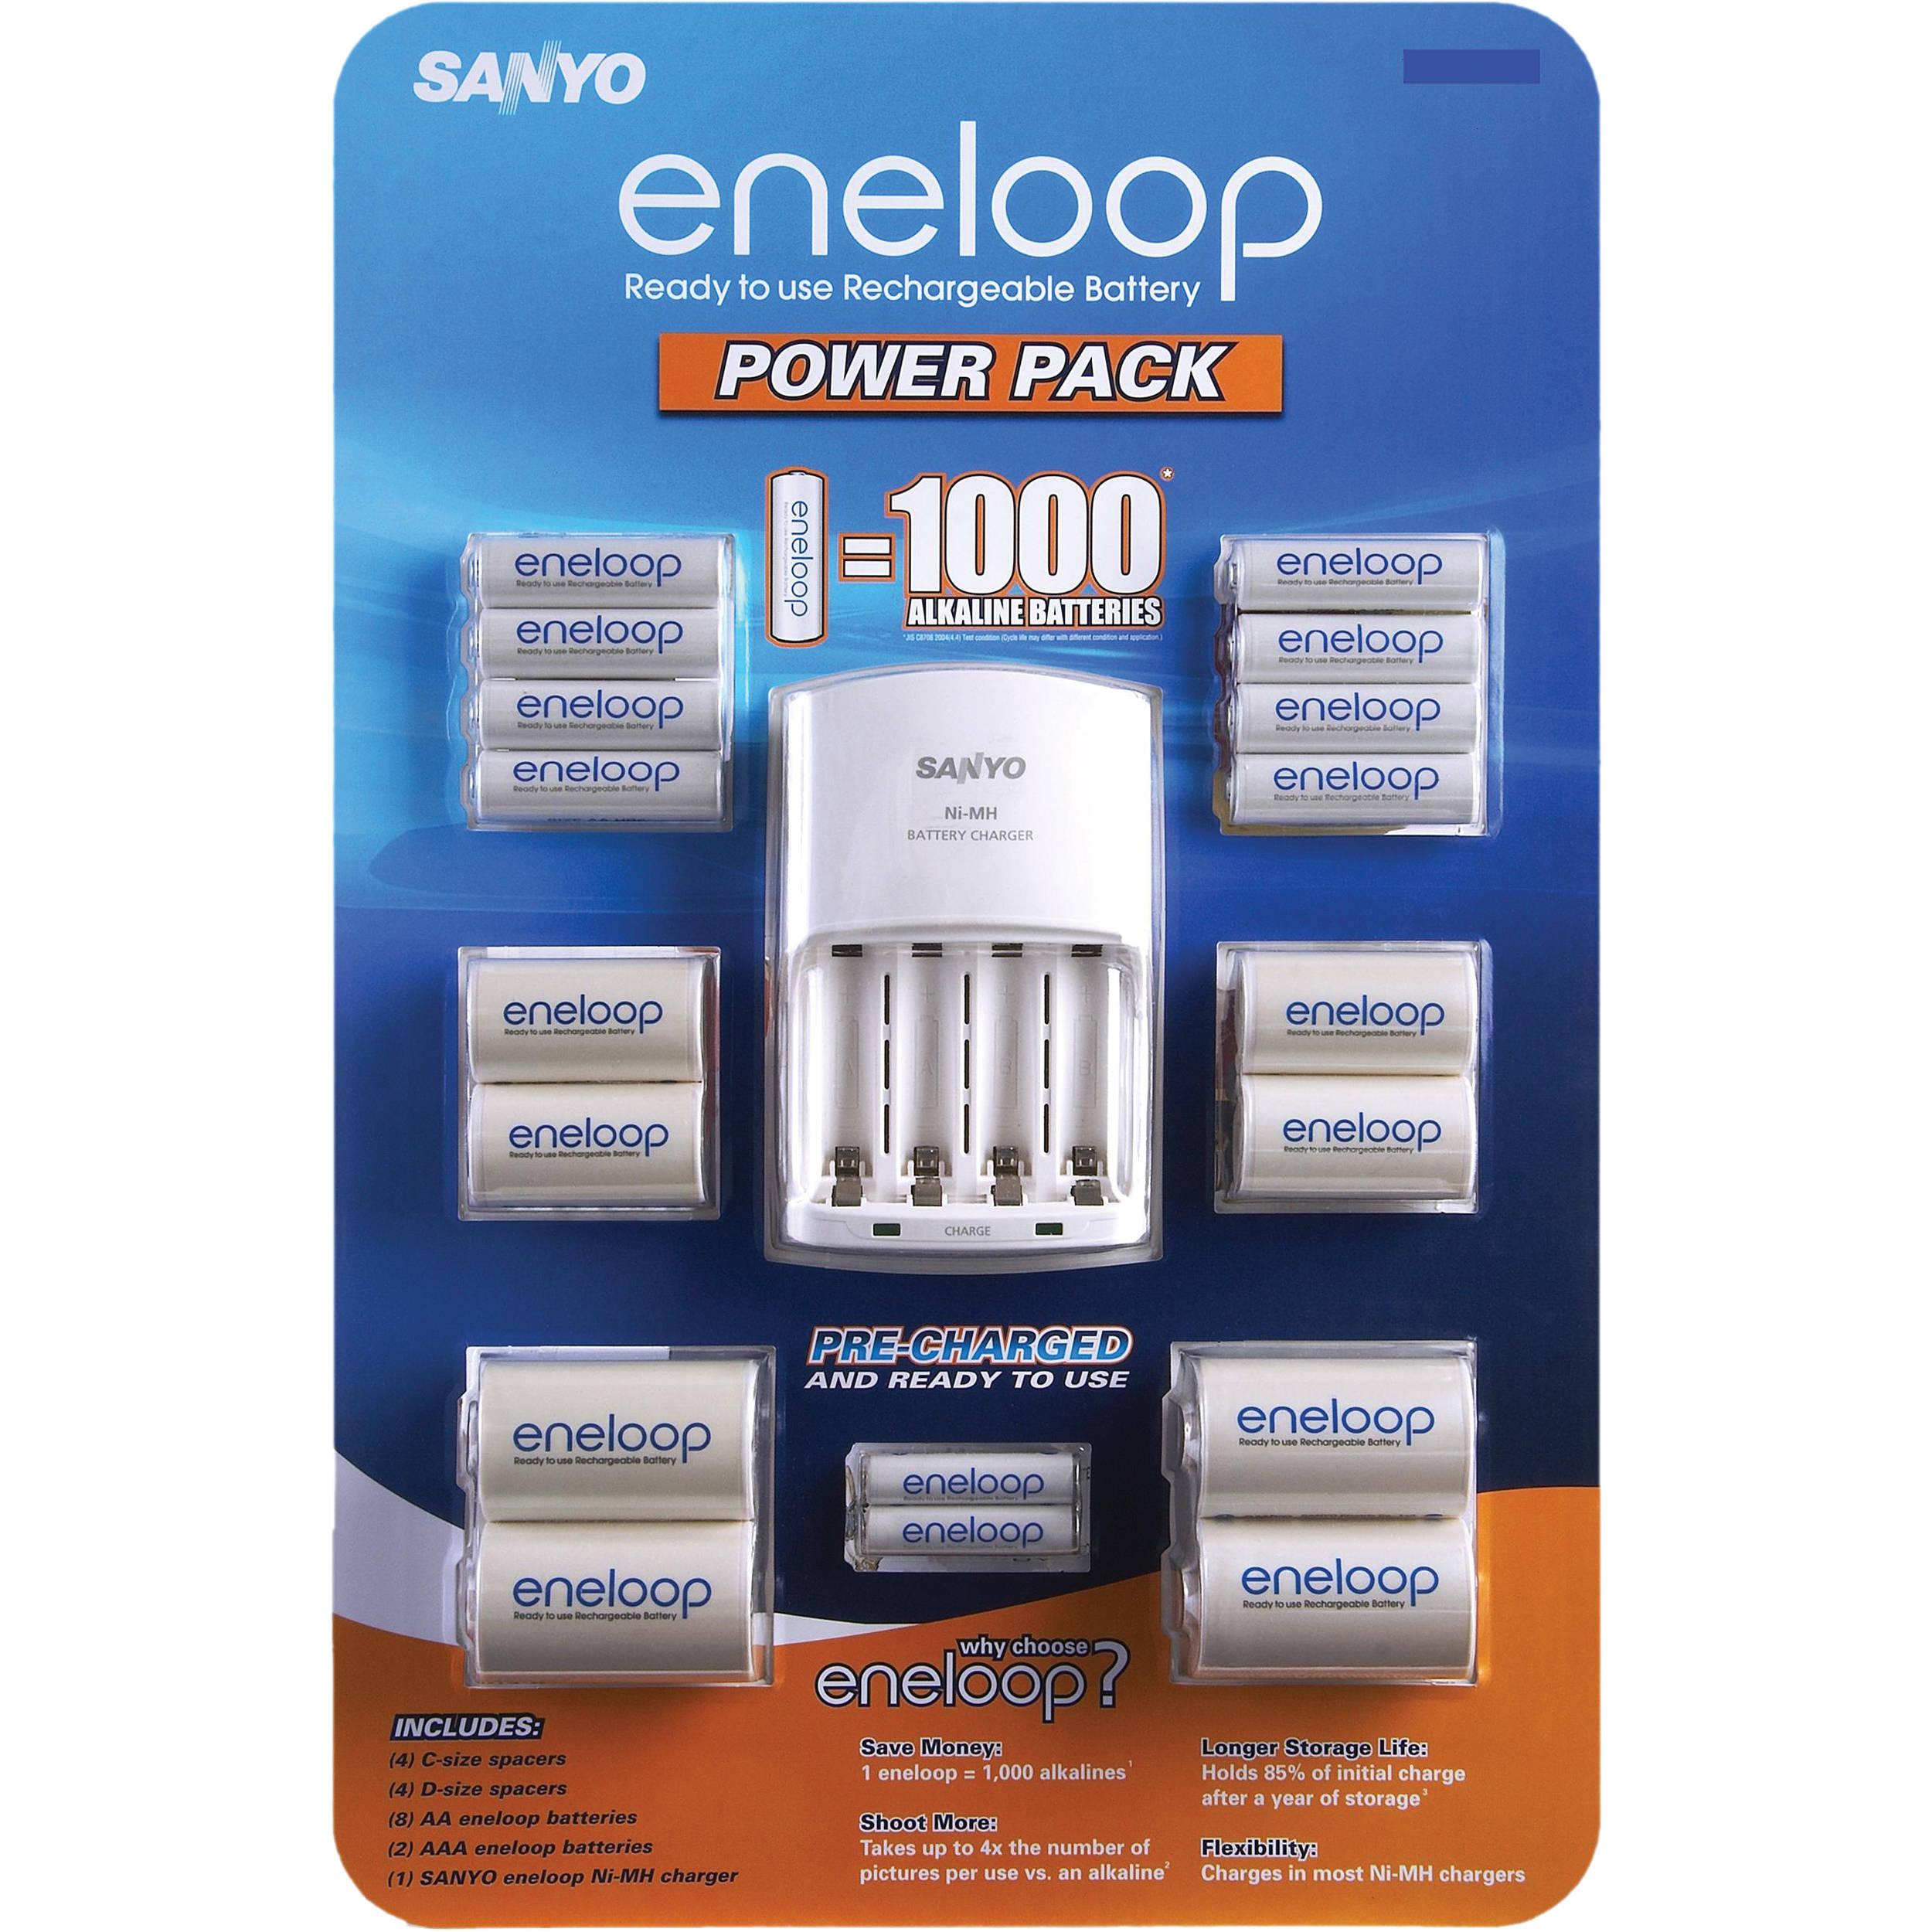 Sanyo Eneloop Power Pack Battery Charging Kit Sec